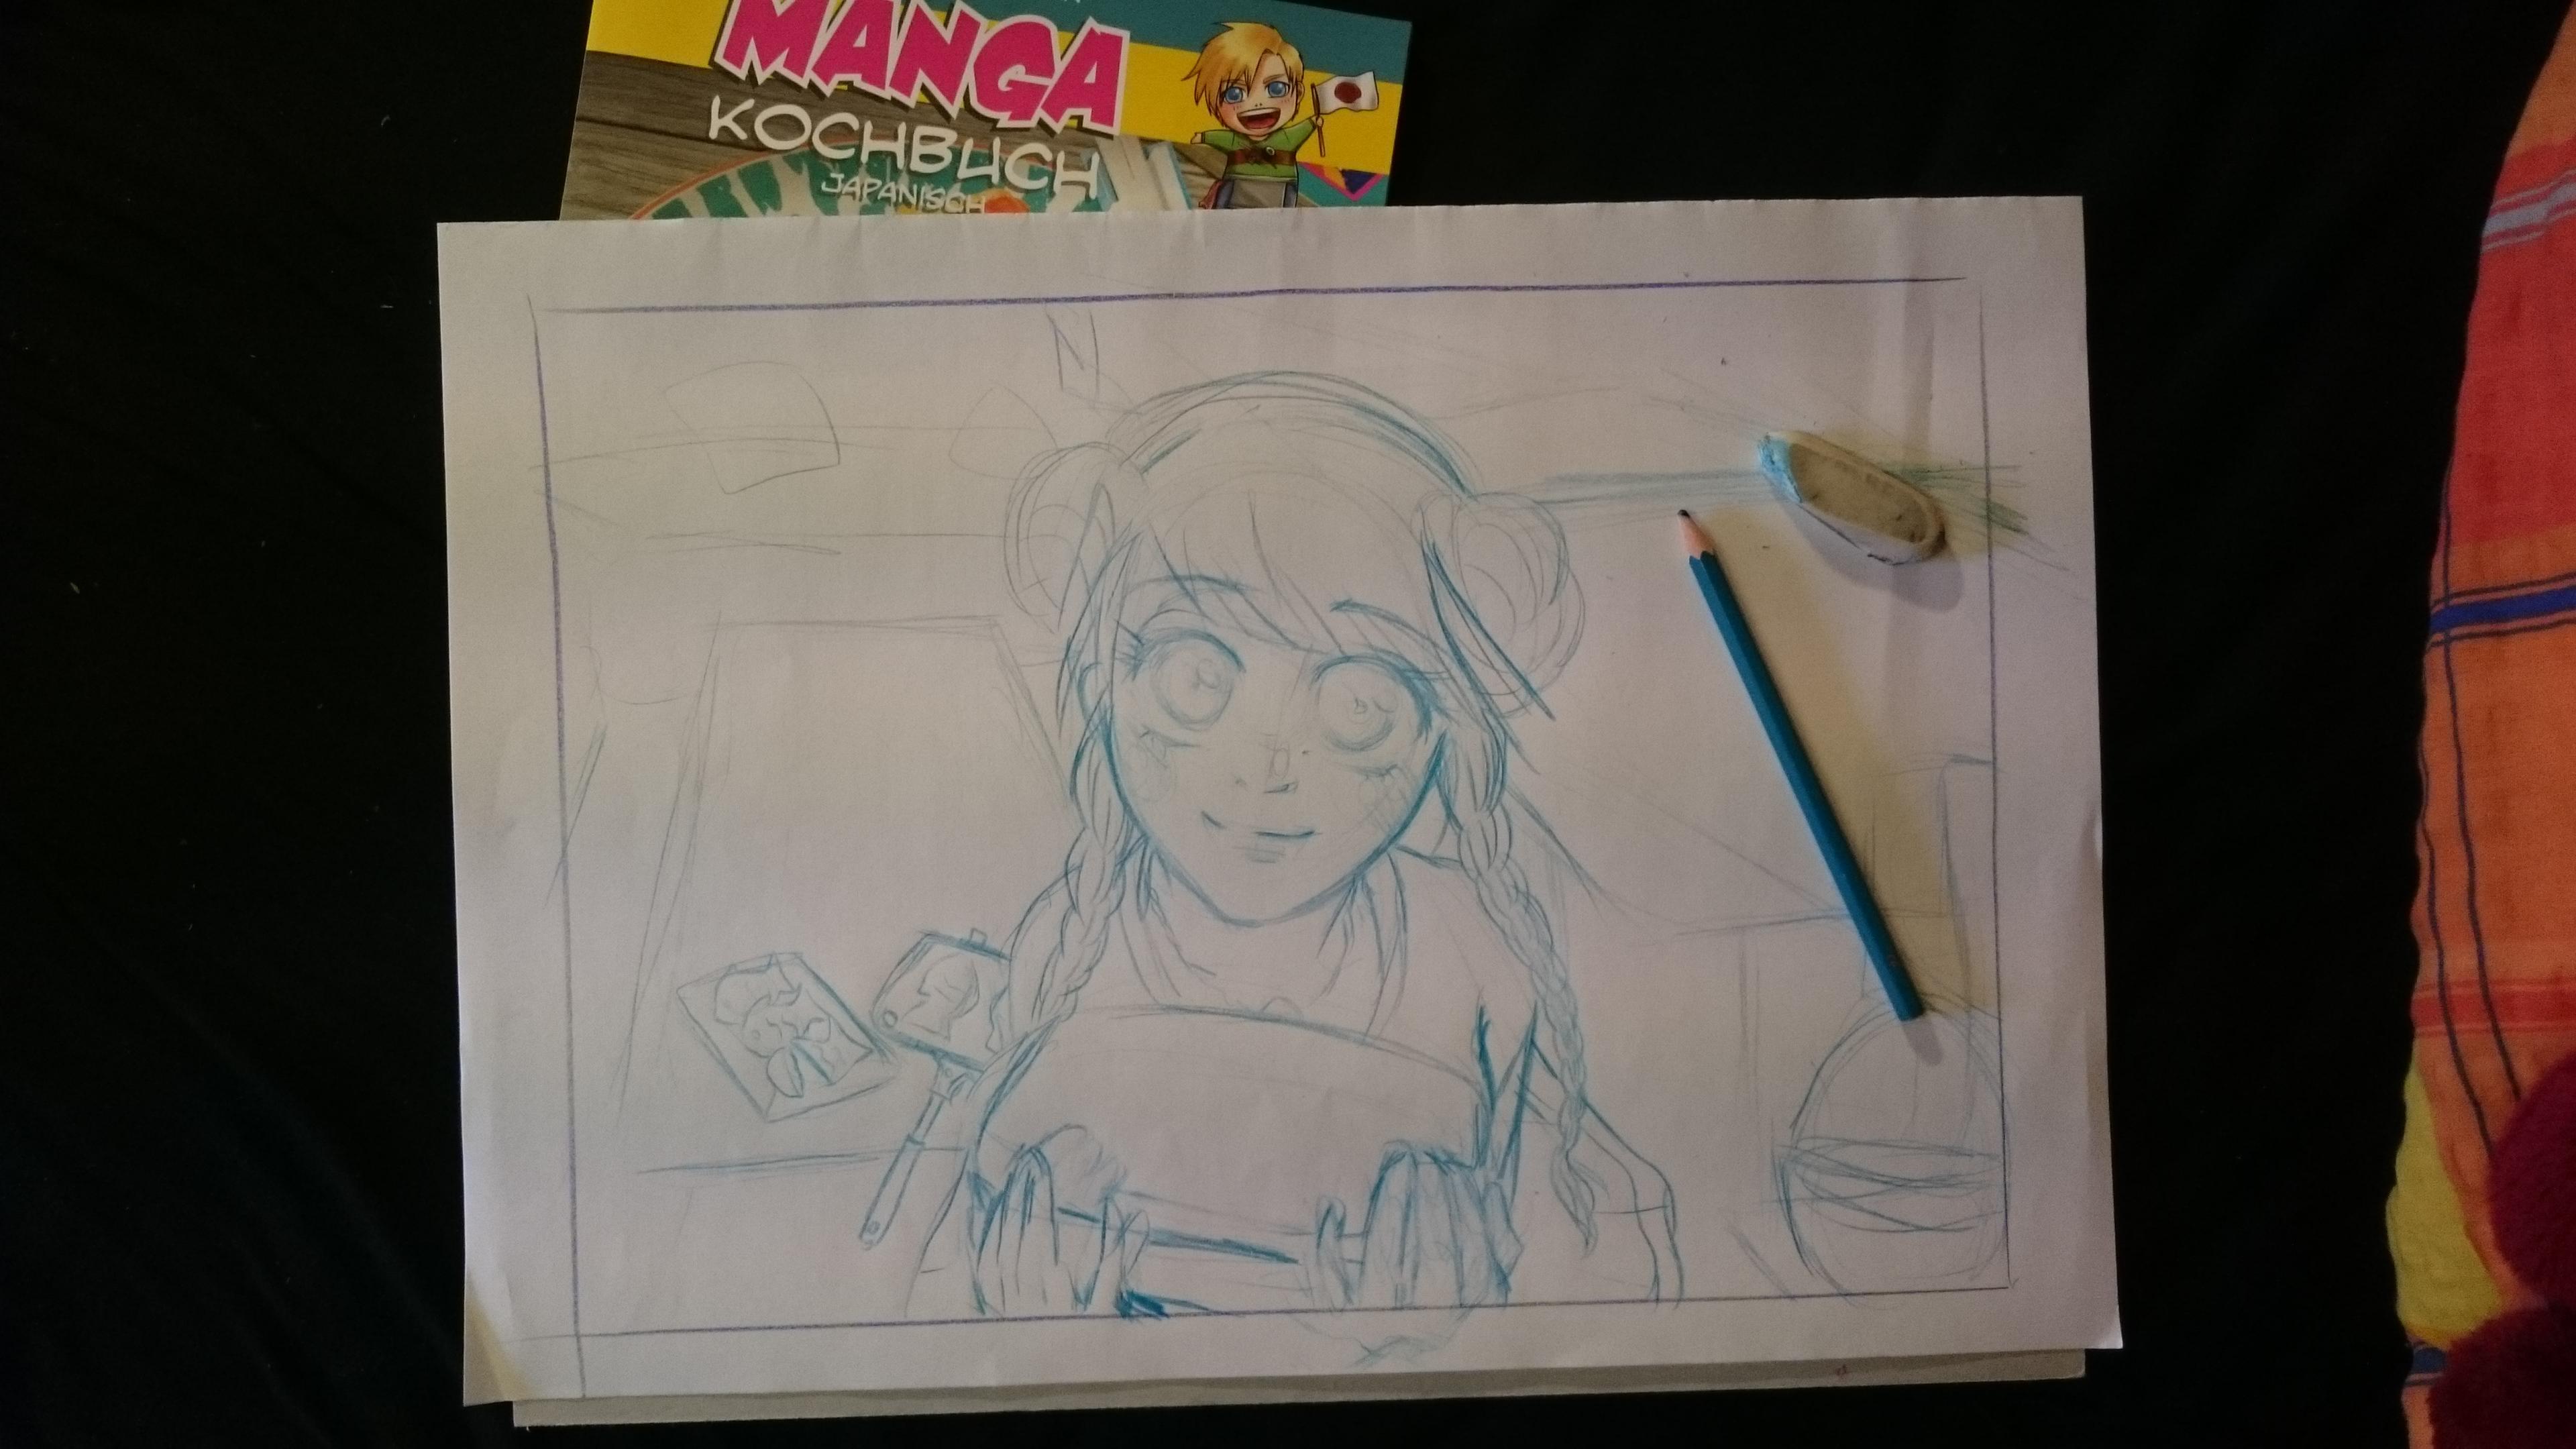 Manga Kochbuch - Entwicklungsprozess 1